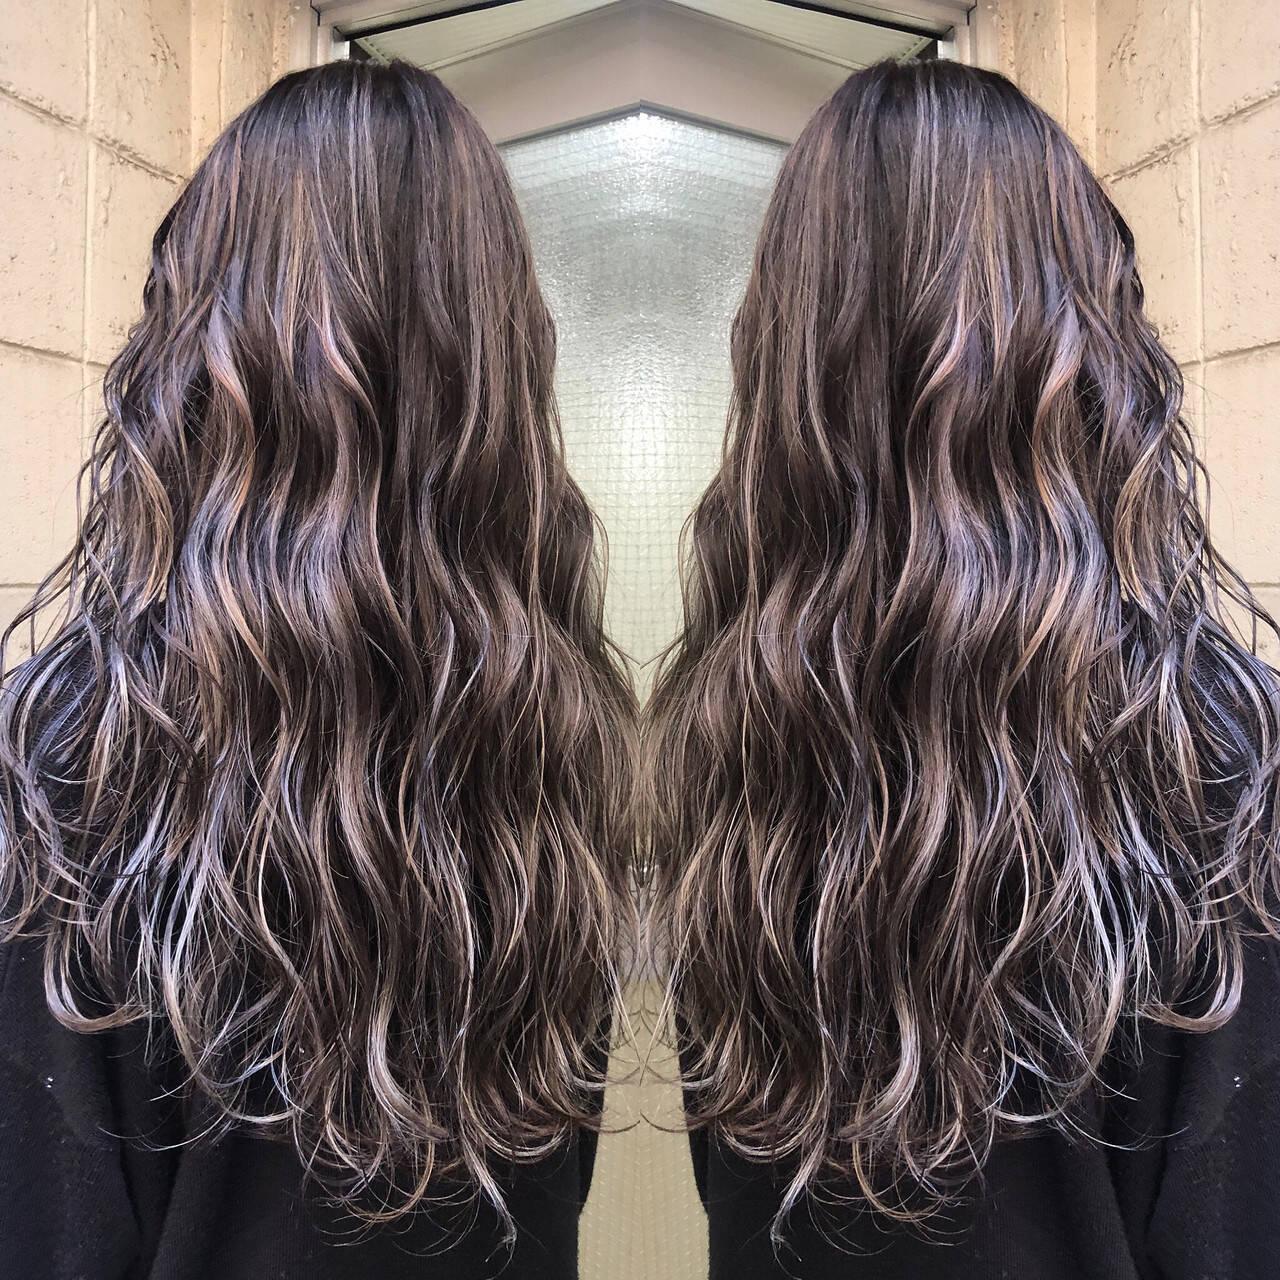 外国人風カラー セミロング グレージュ 3Dハイライトヘアスタイルや髪型の写真・画像